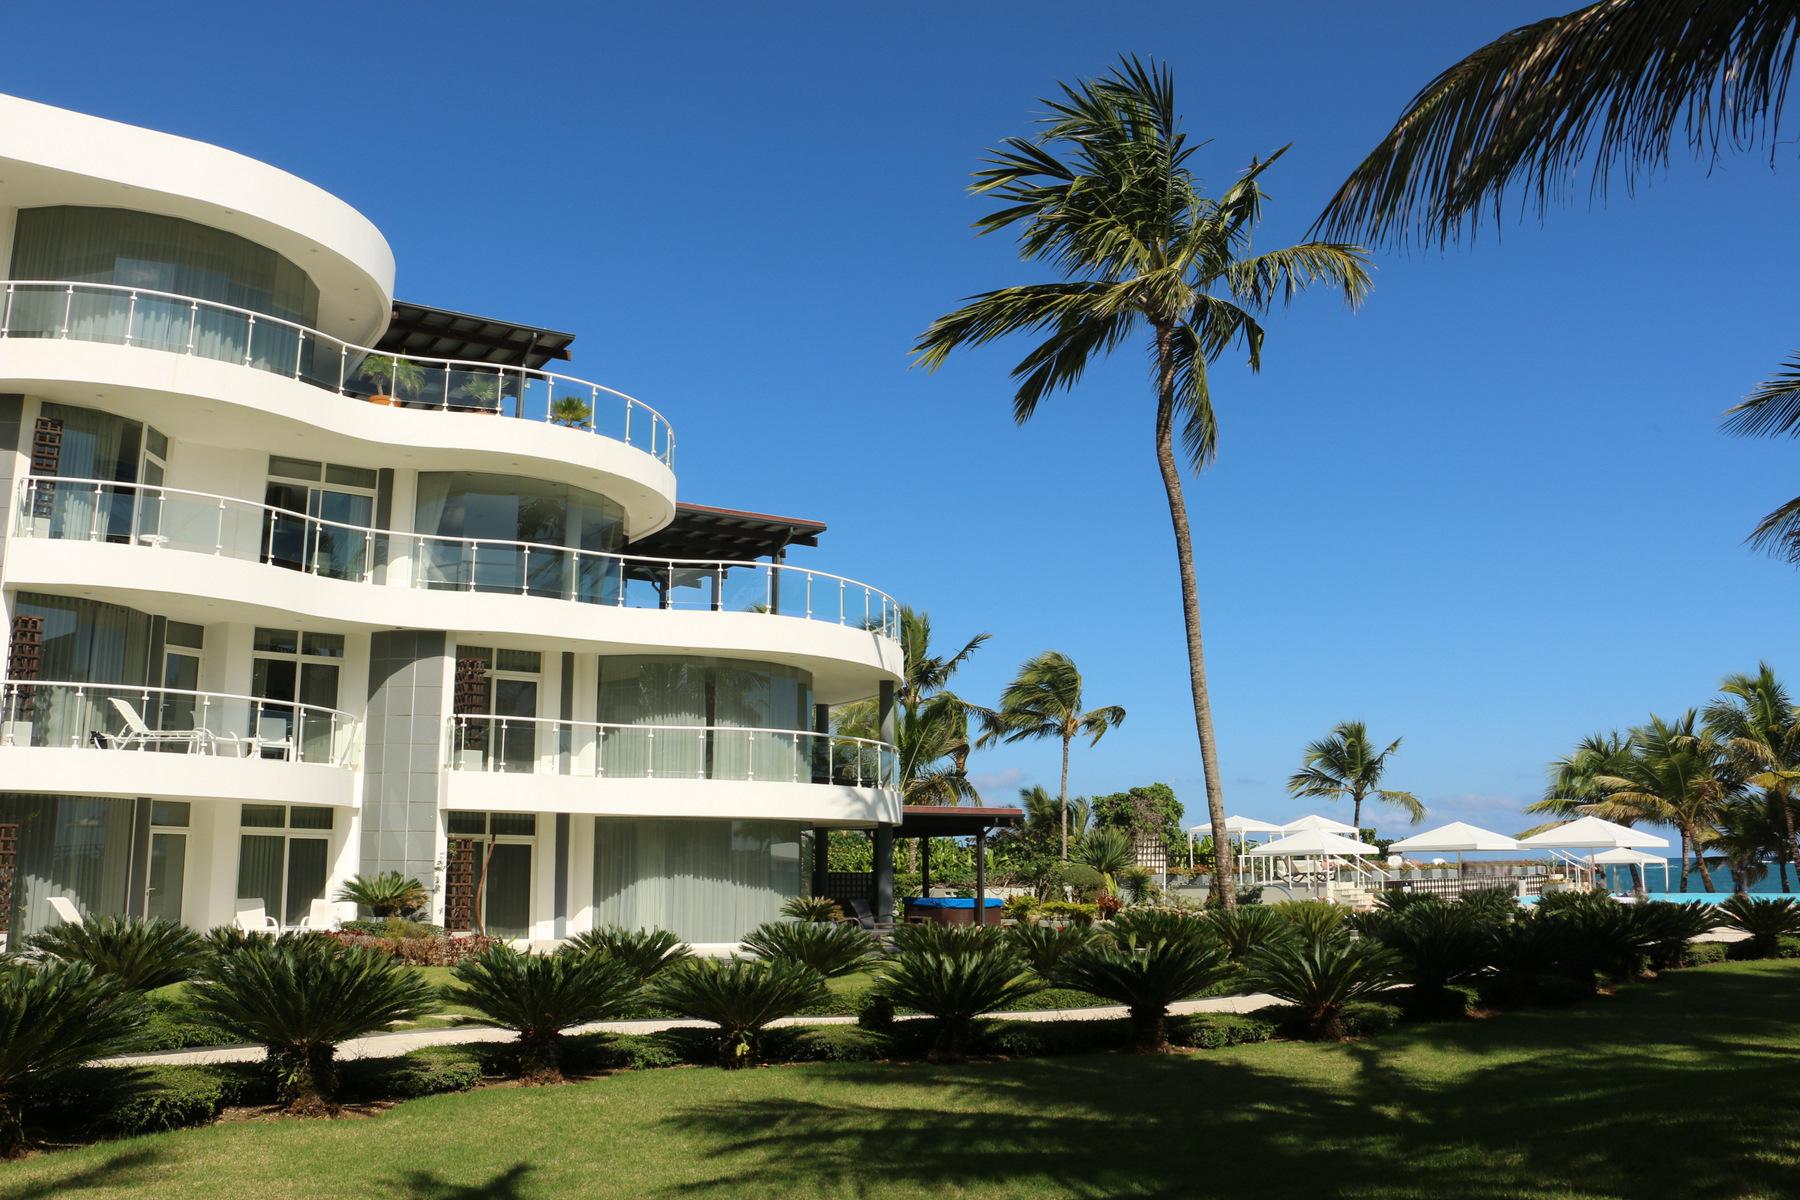 其它住宅 为 销售 在 Millenium Resort & Spa (Hotel) Cabarete, 普拉塔省, 多米尼加共和国